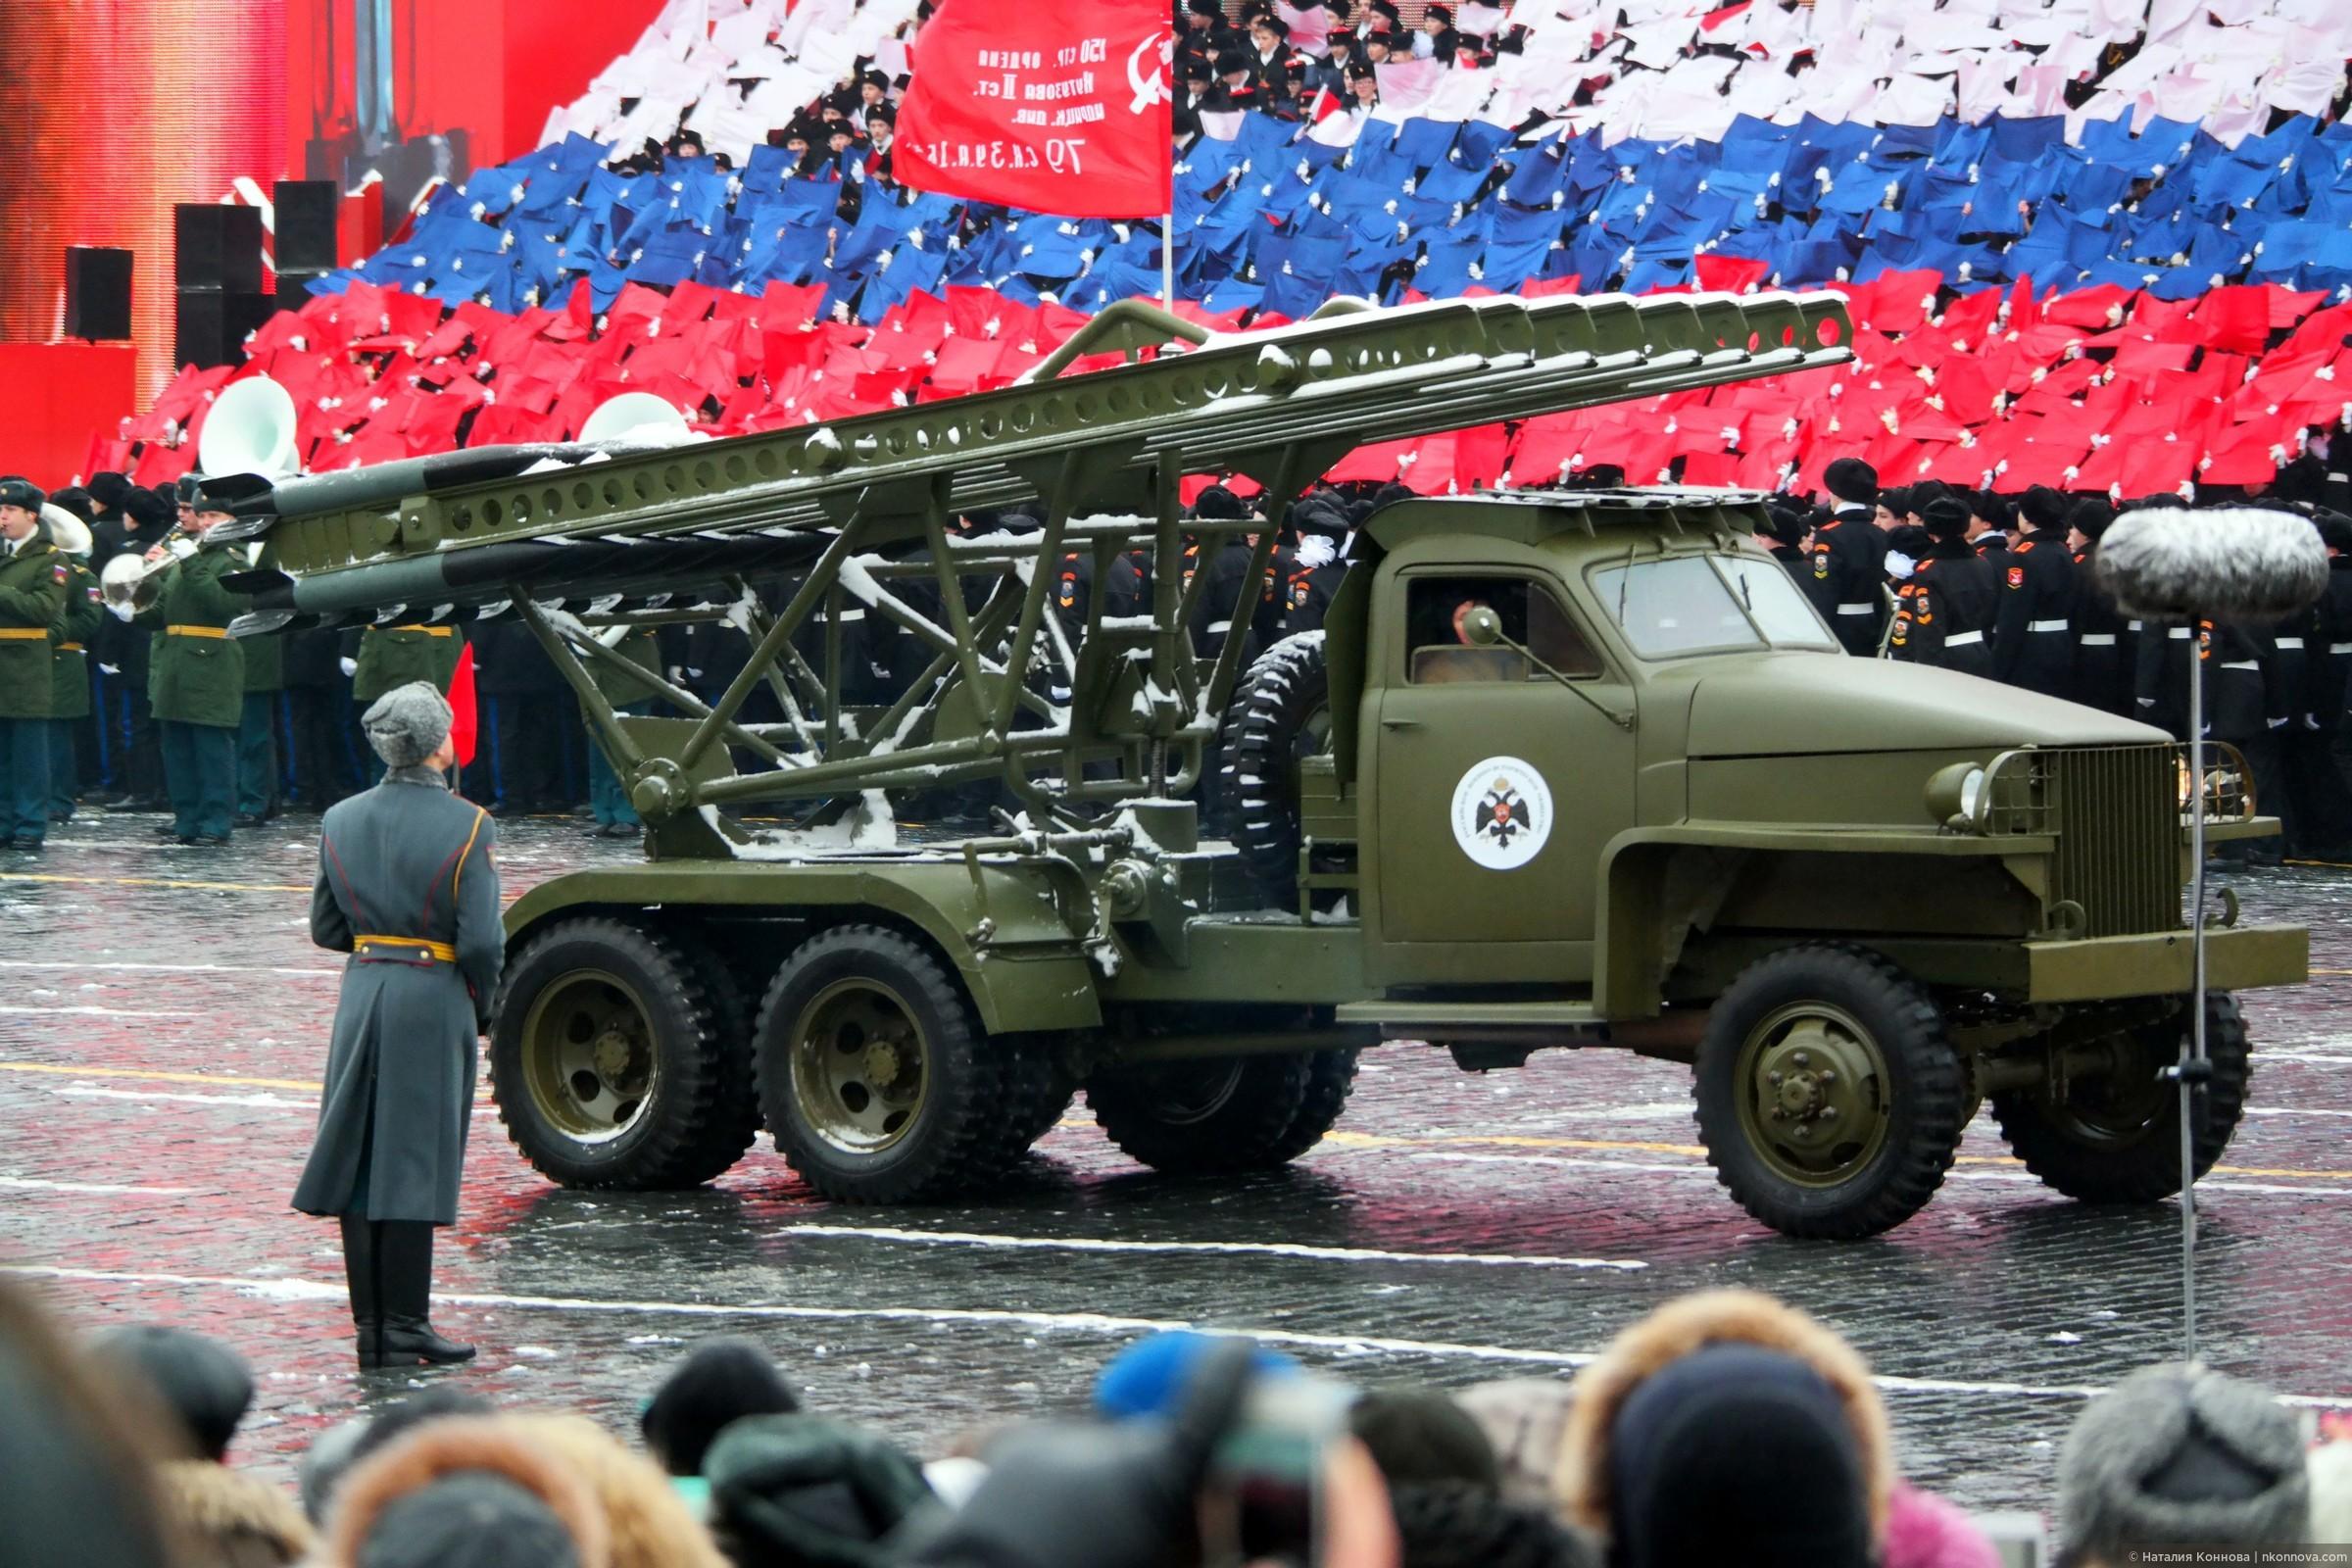 """""""Катюша"""" - полевая реактивная артиллерия. На такой служил один из моих прадедов., Торжественный марш 7 ноября 2016, Красная пл."""